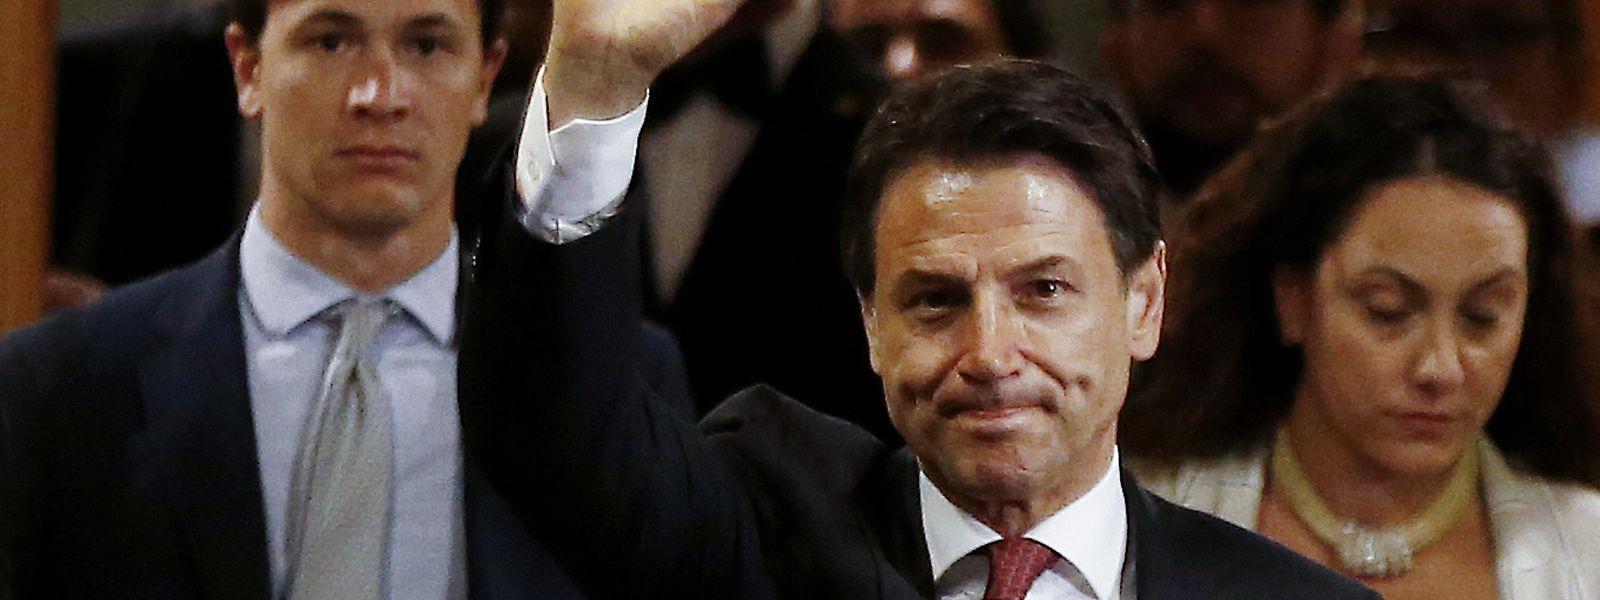 Giuseppe Conte tritt zurück, ist aber in seinem Amt gewachsen.